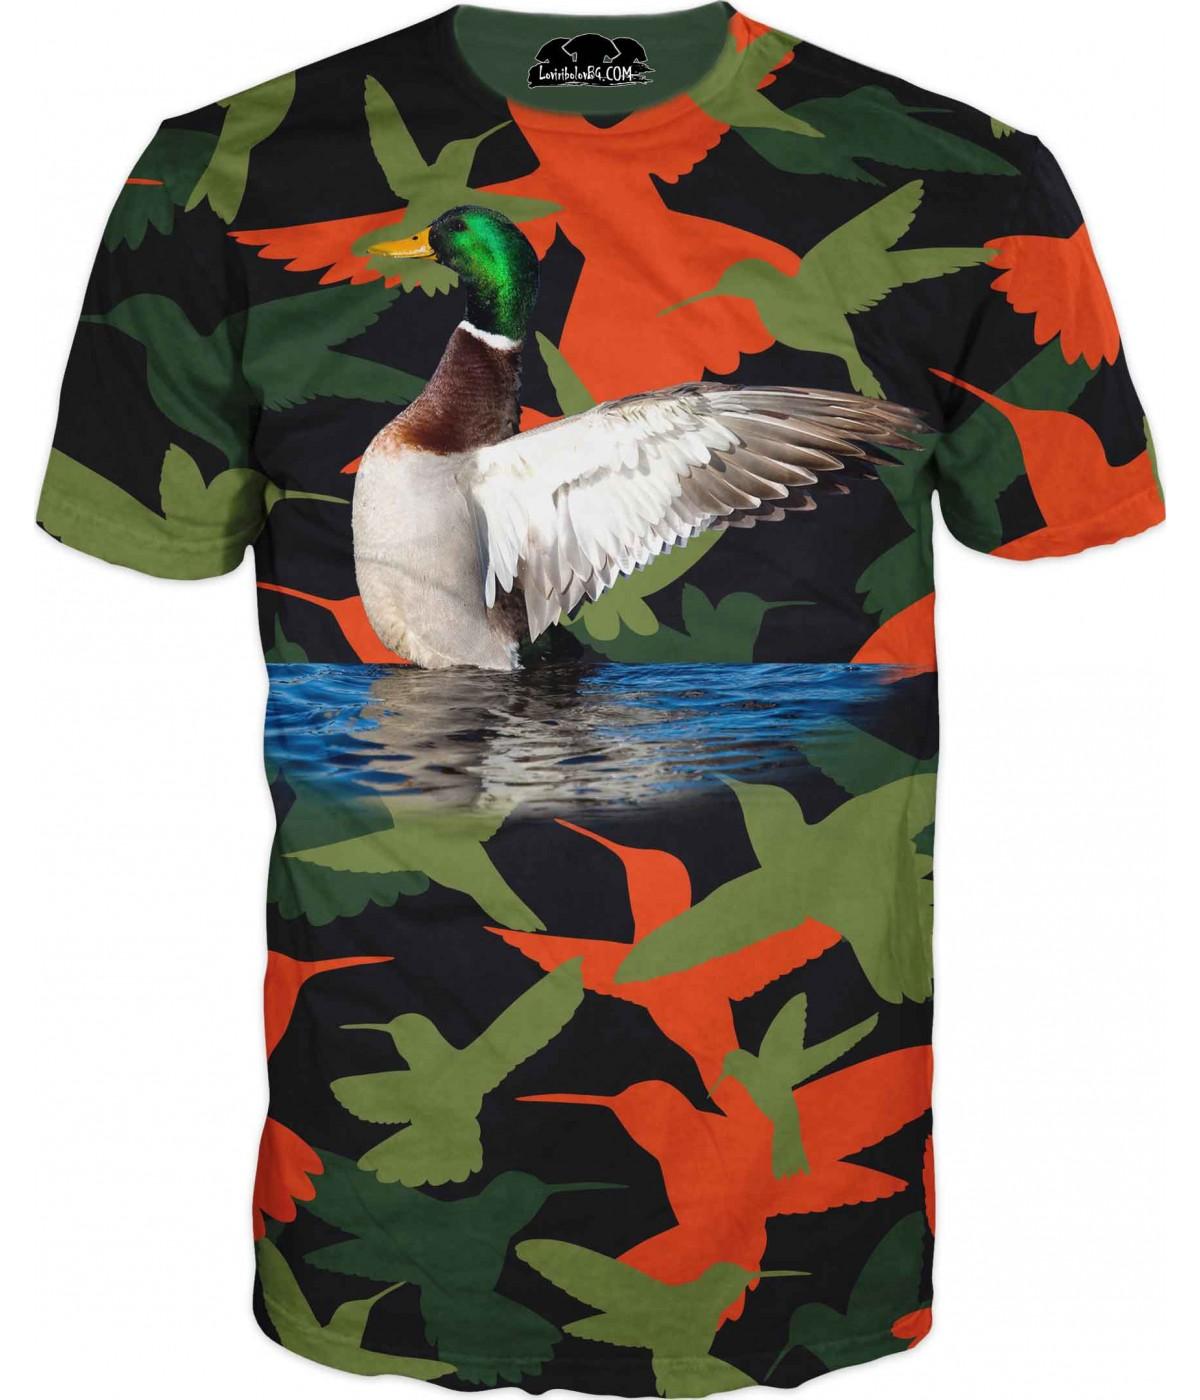 Ловна тениска - зеленоглава патица в камуфлаж - чеврен